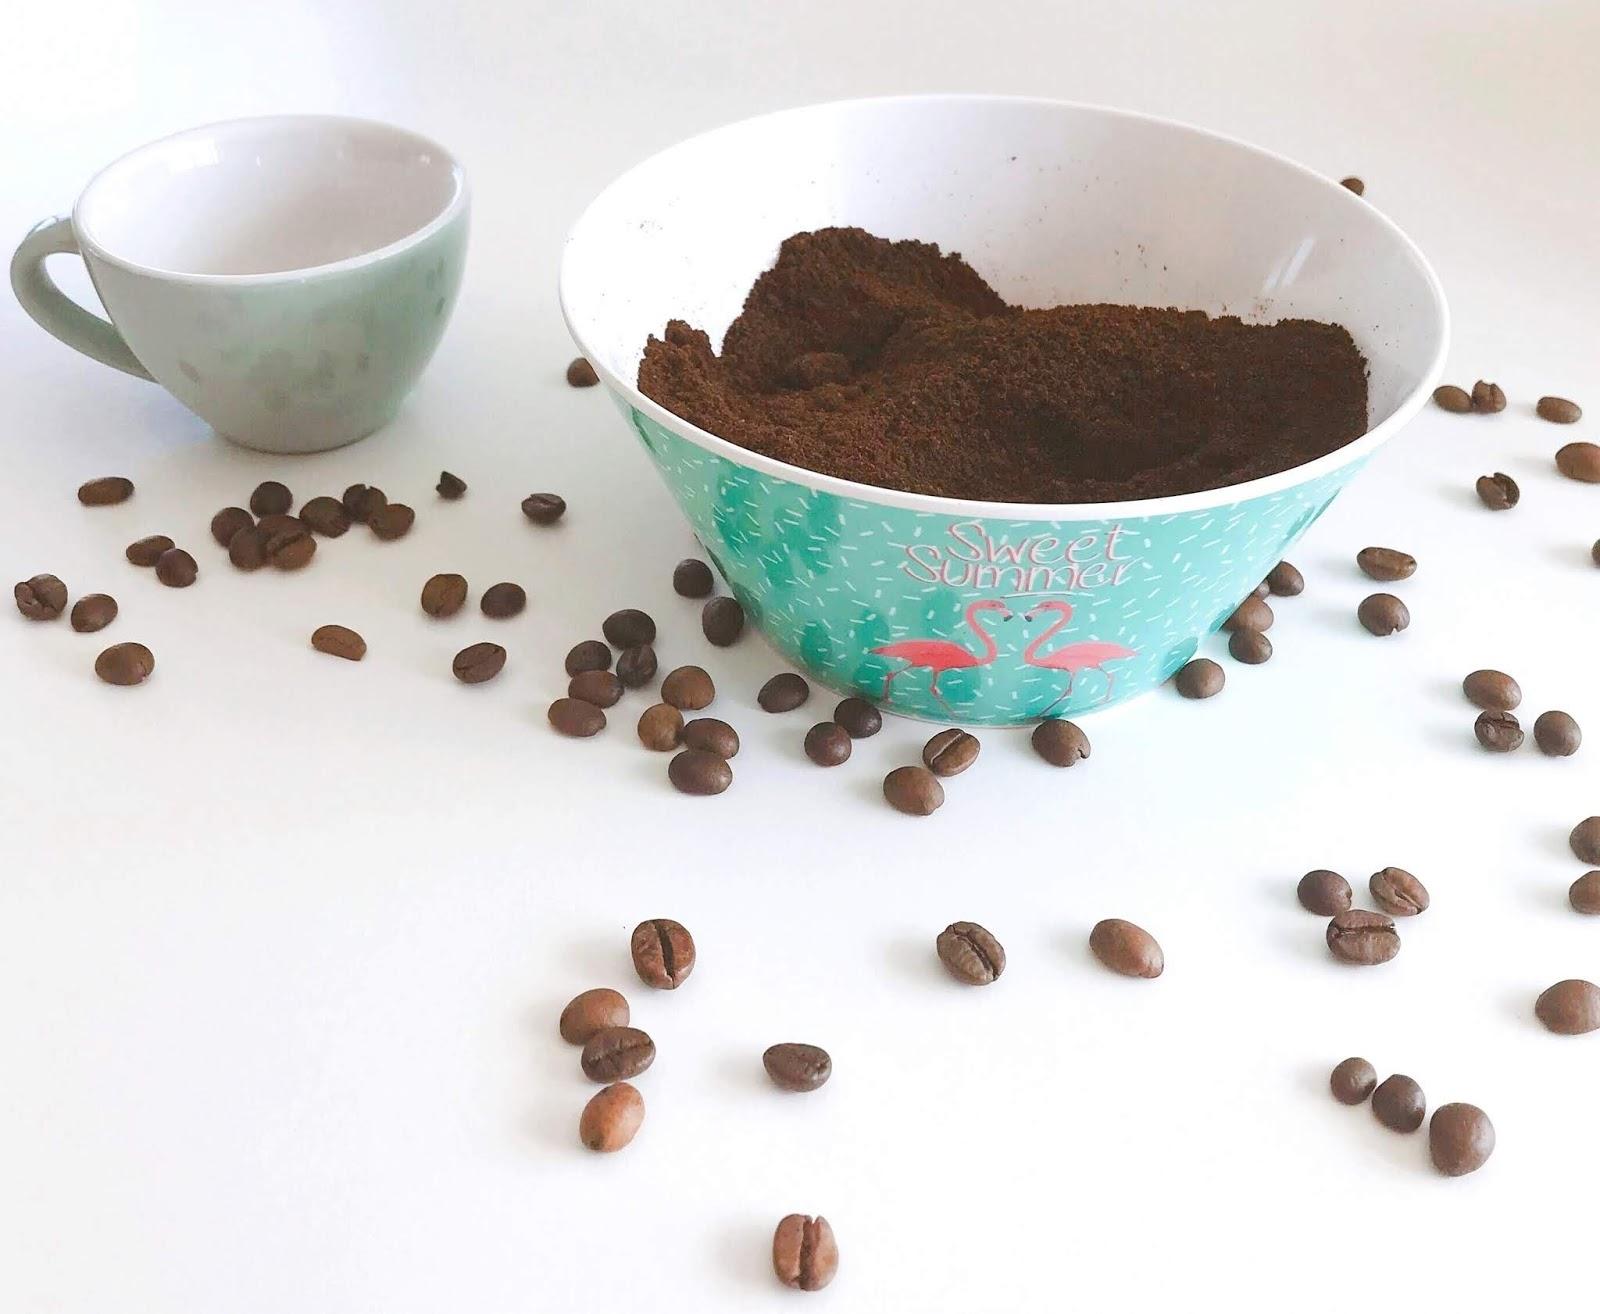 Marc et grains de café